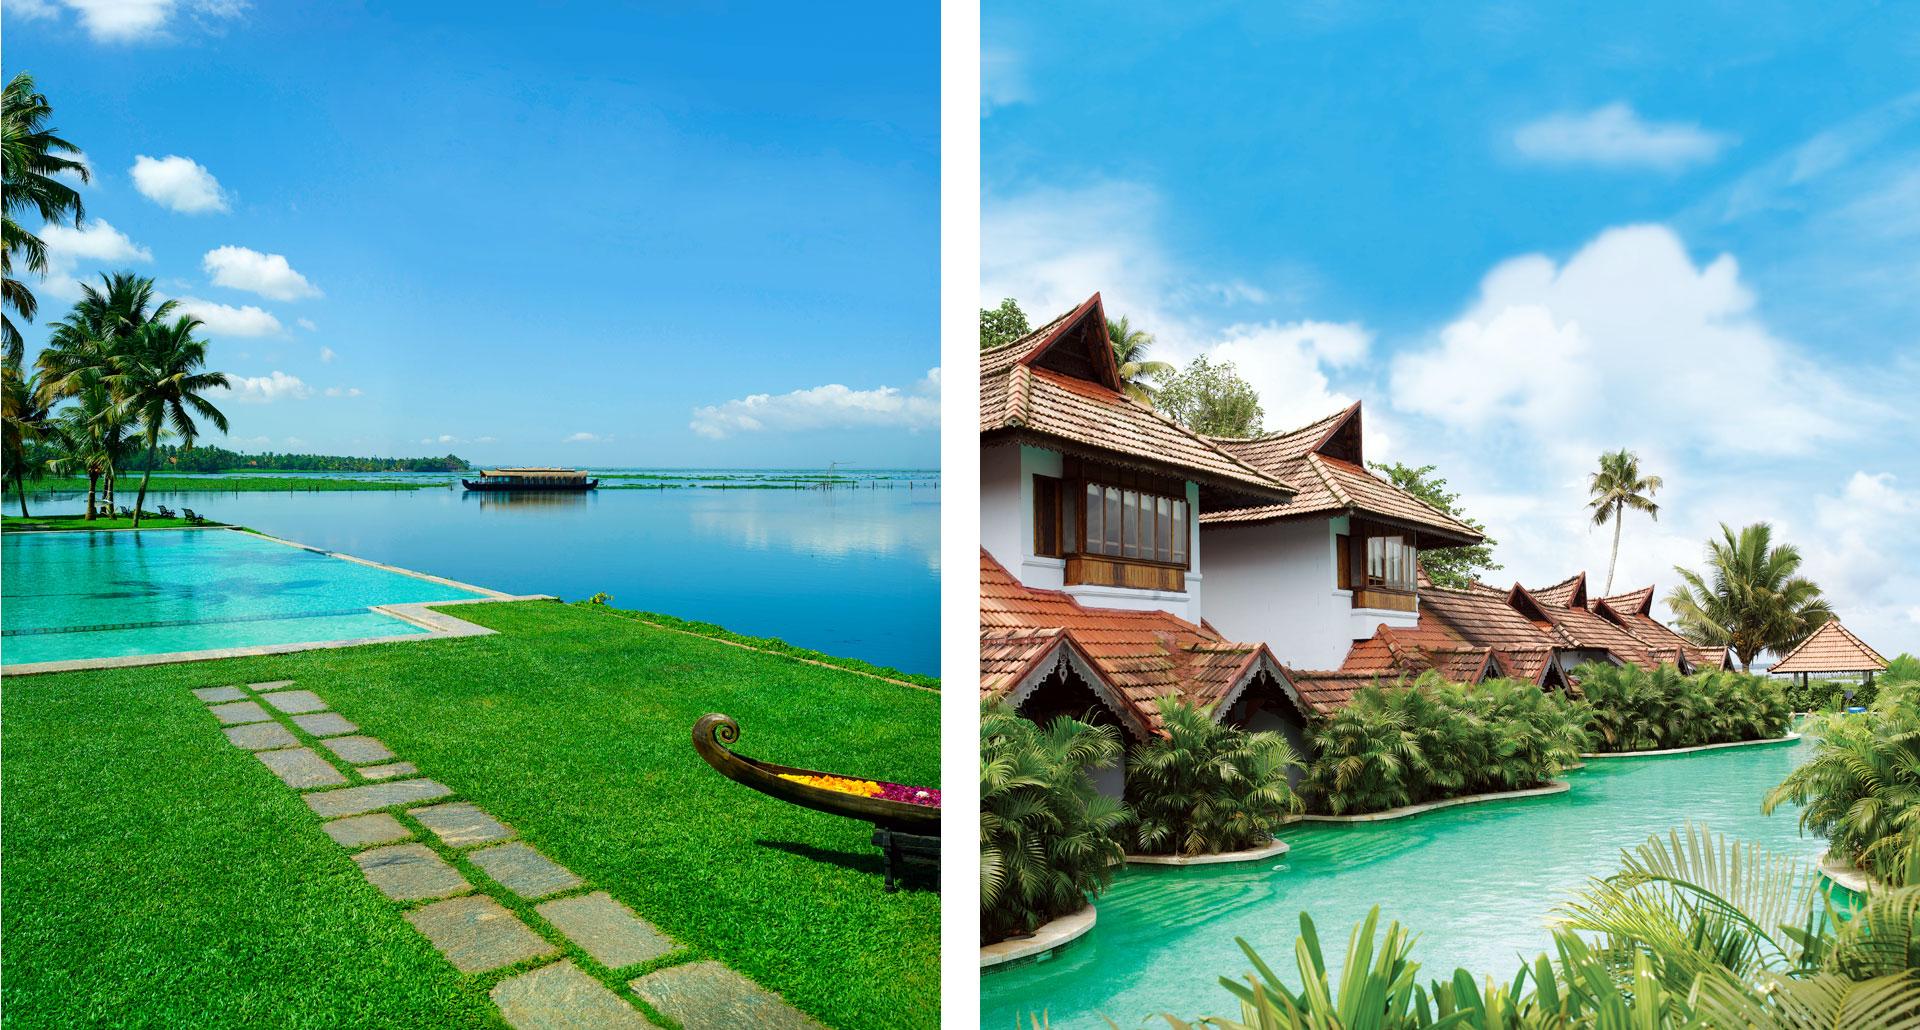 Kumarakom Lake Resort - boutique hotel in Kumarakom